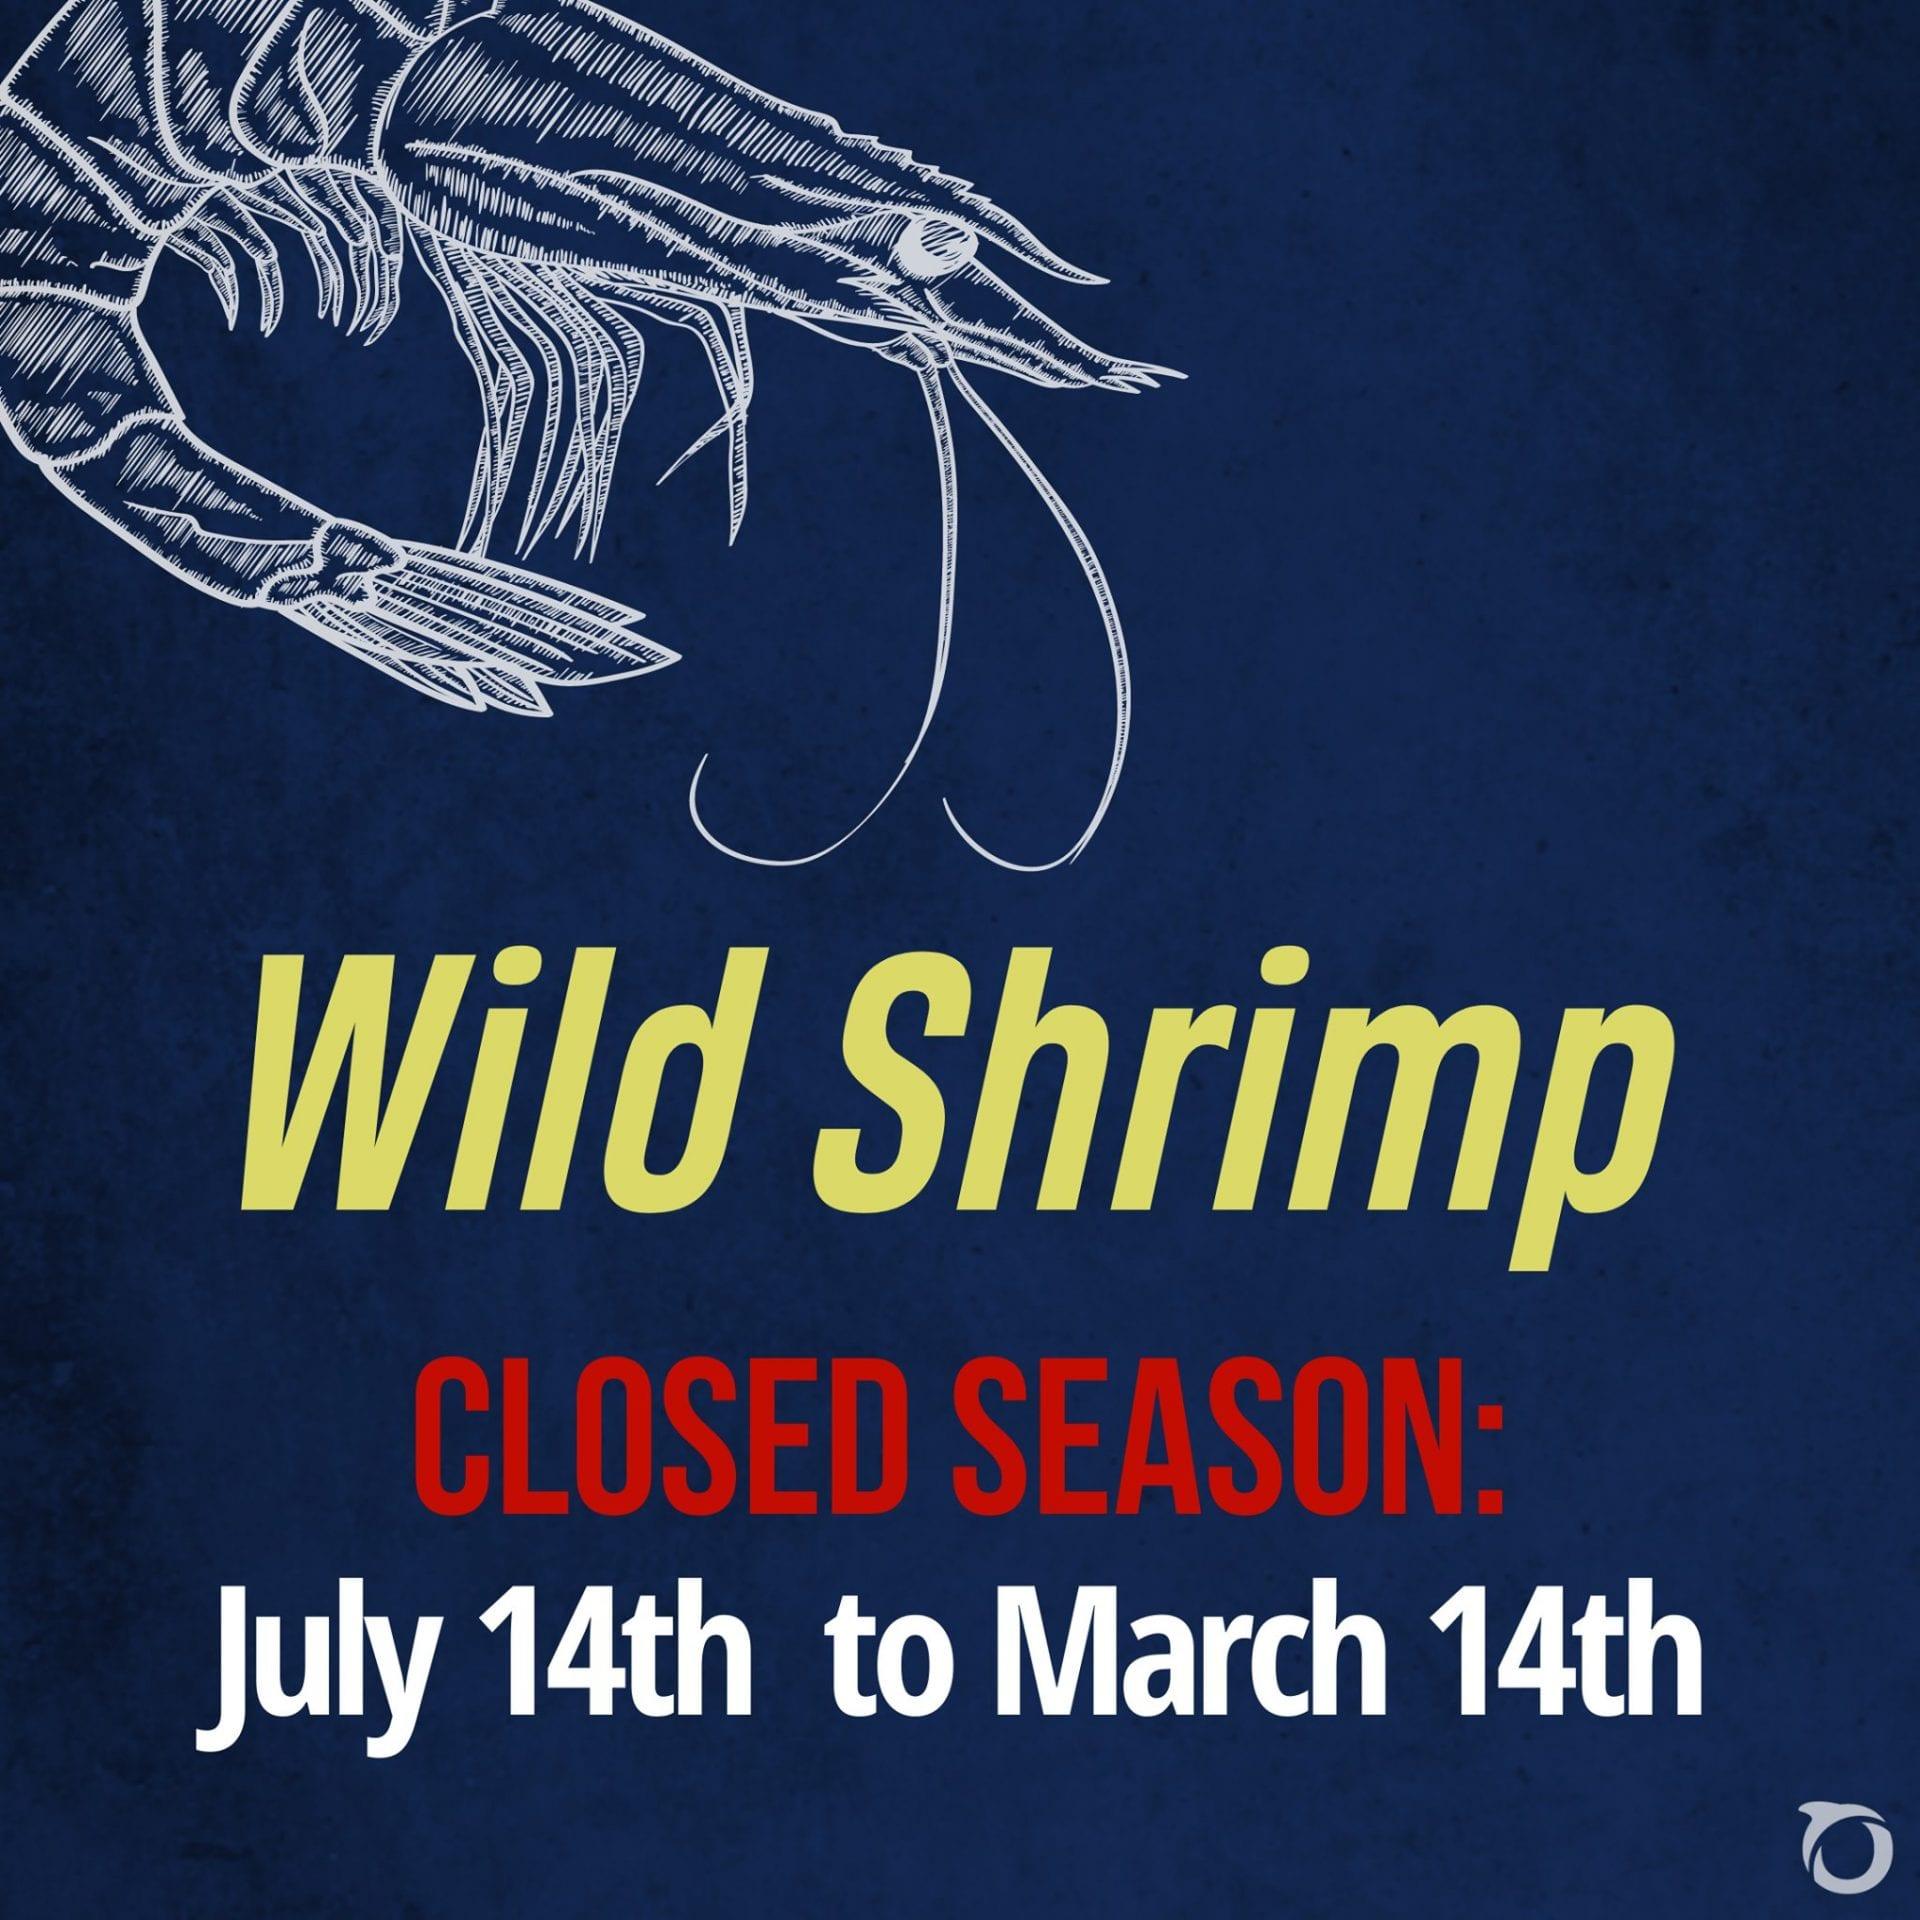 wild shrimp season